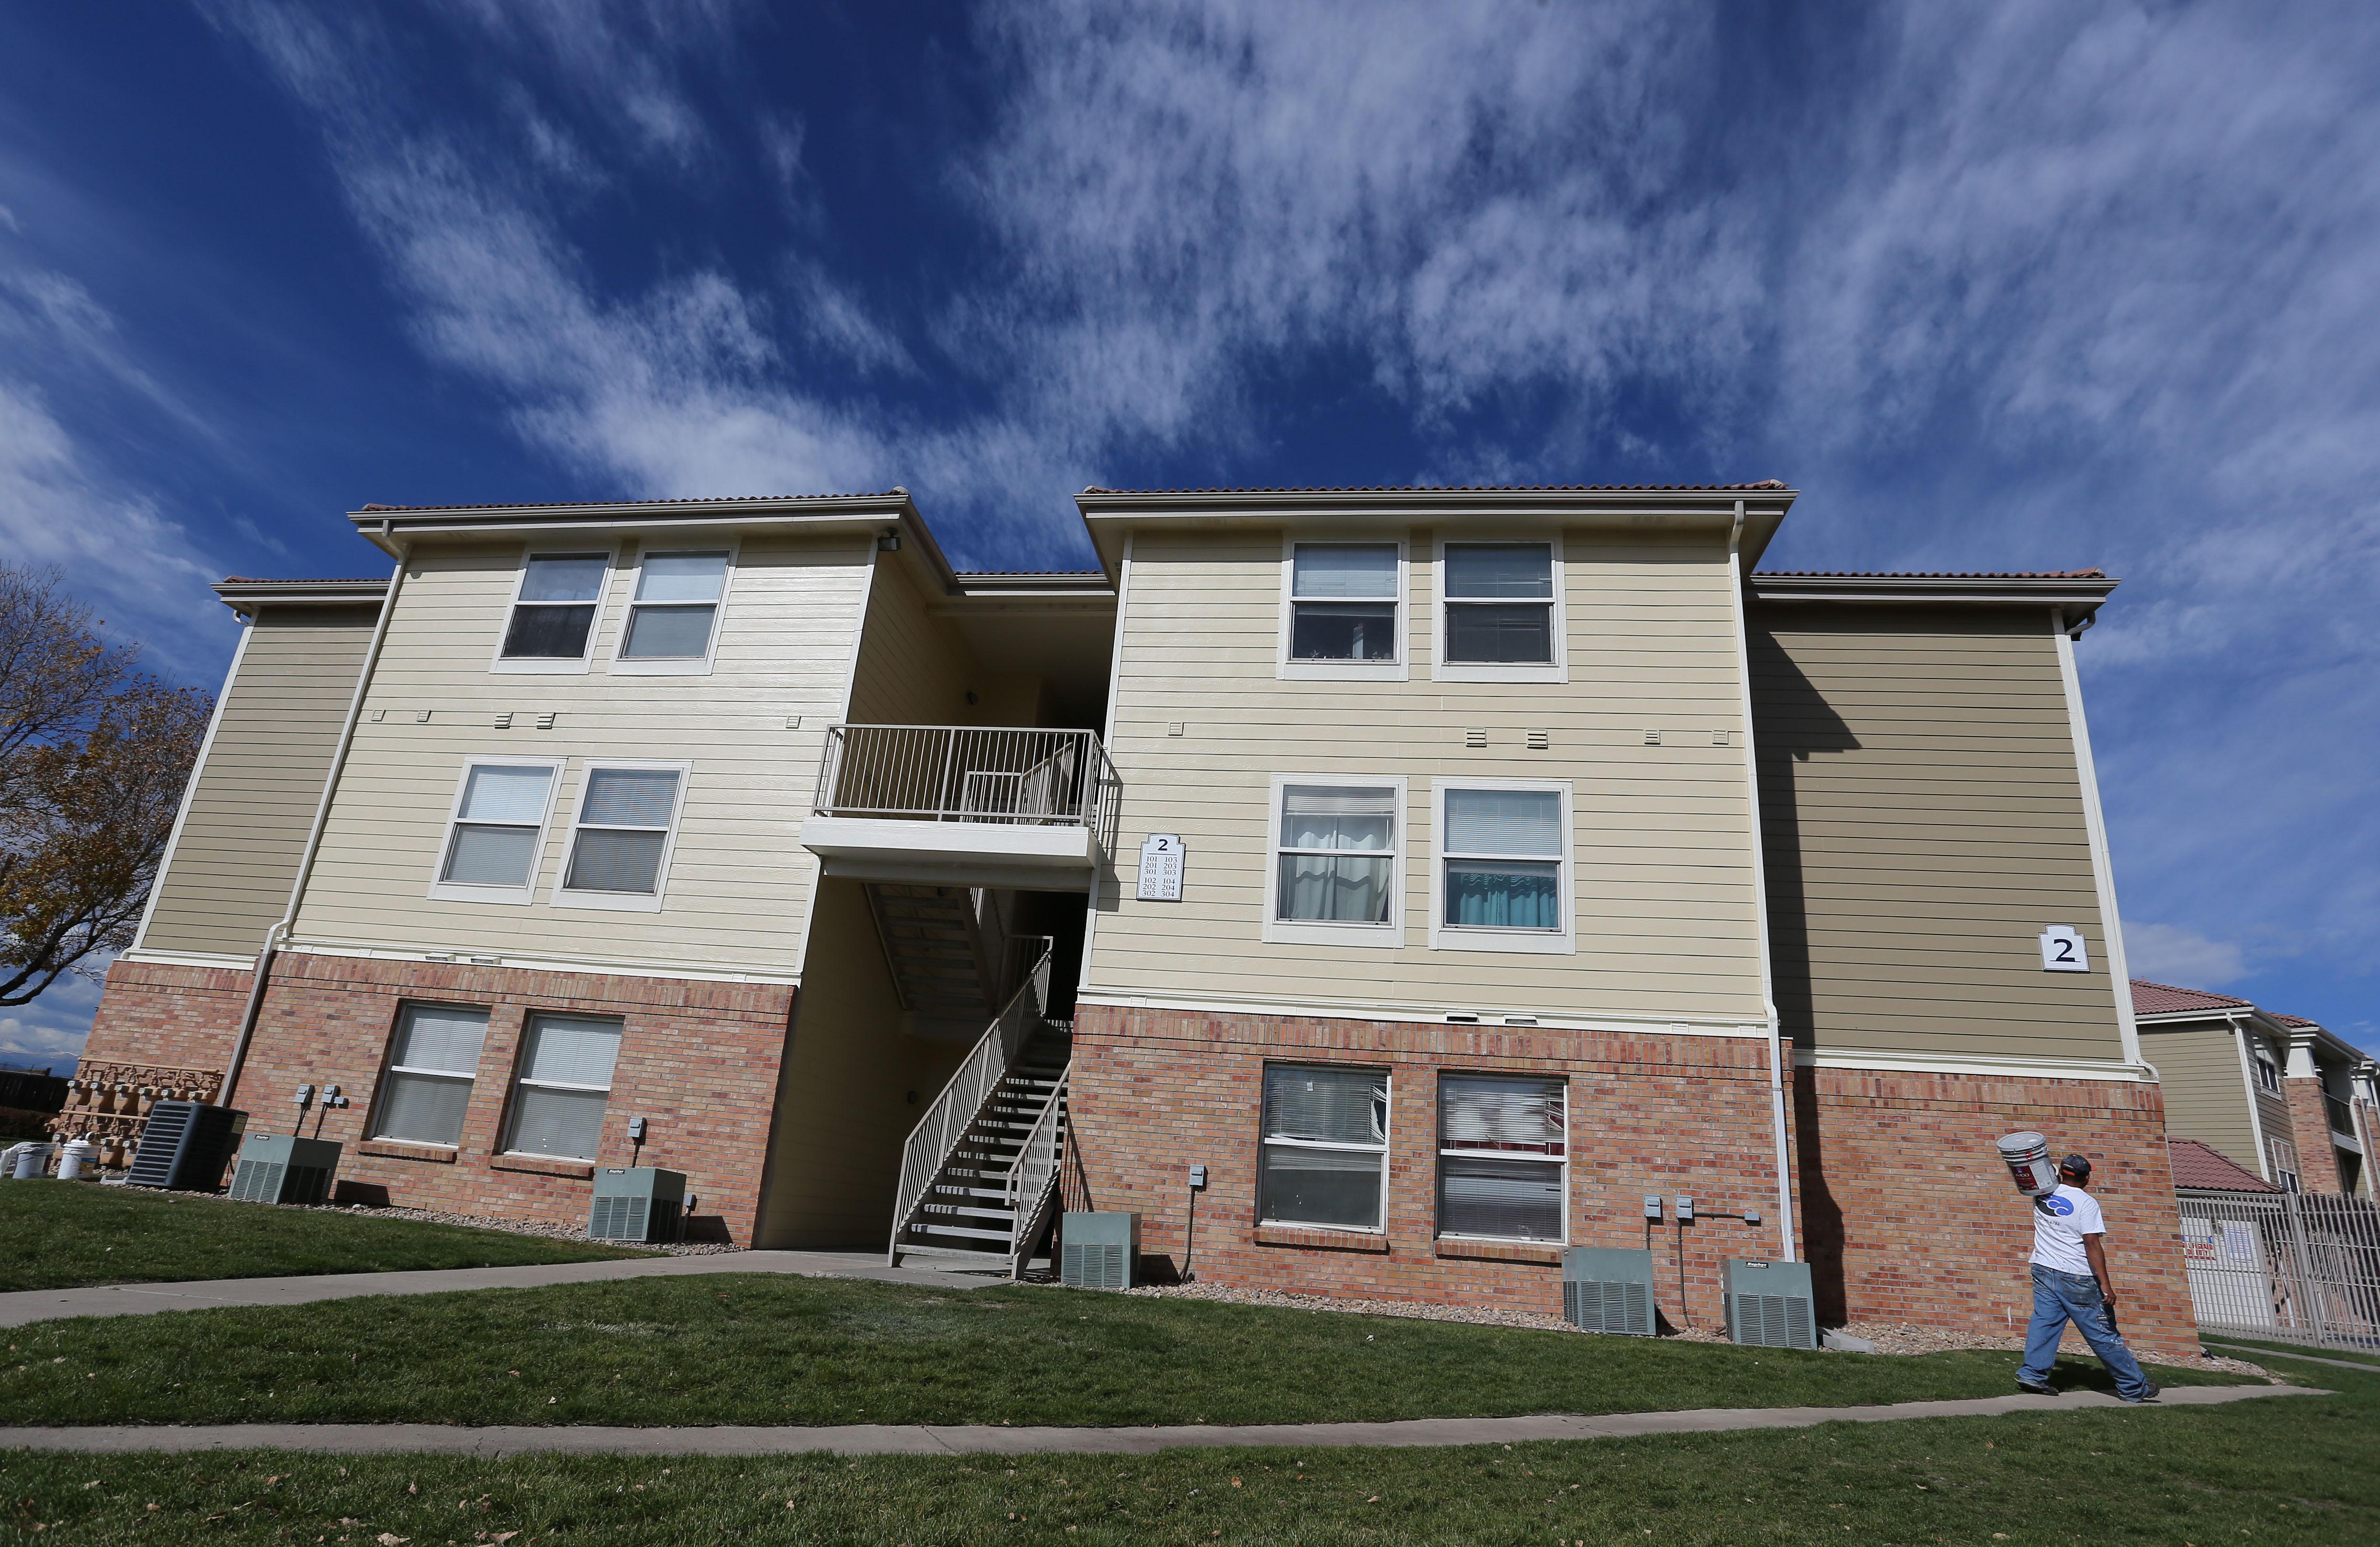 Photo: Aurora apartment building